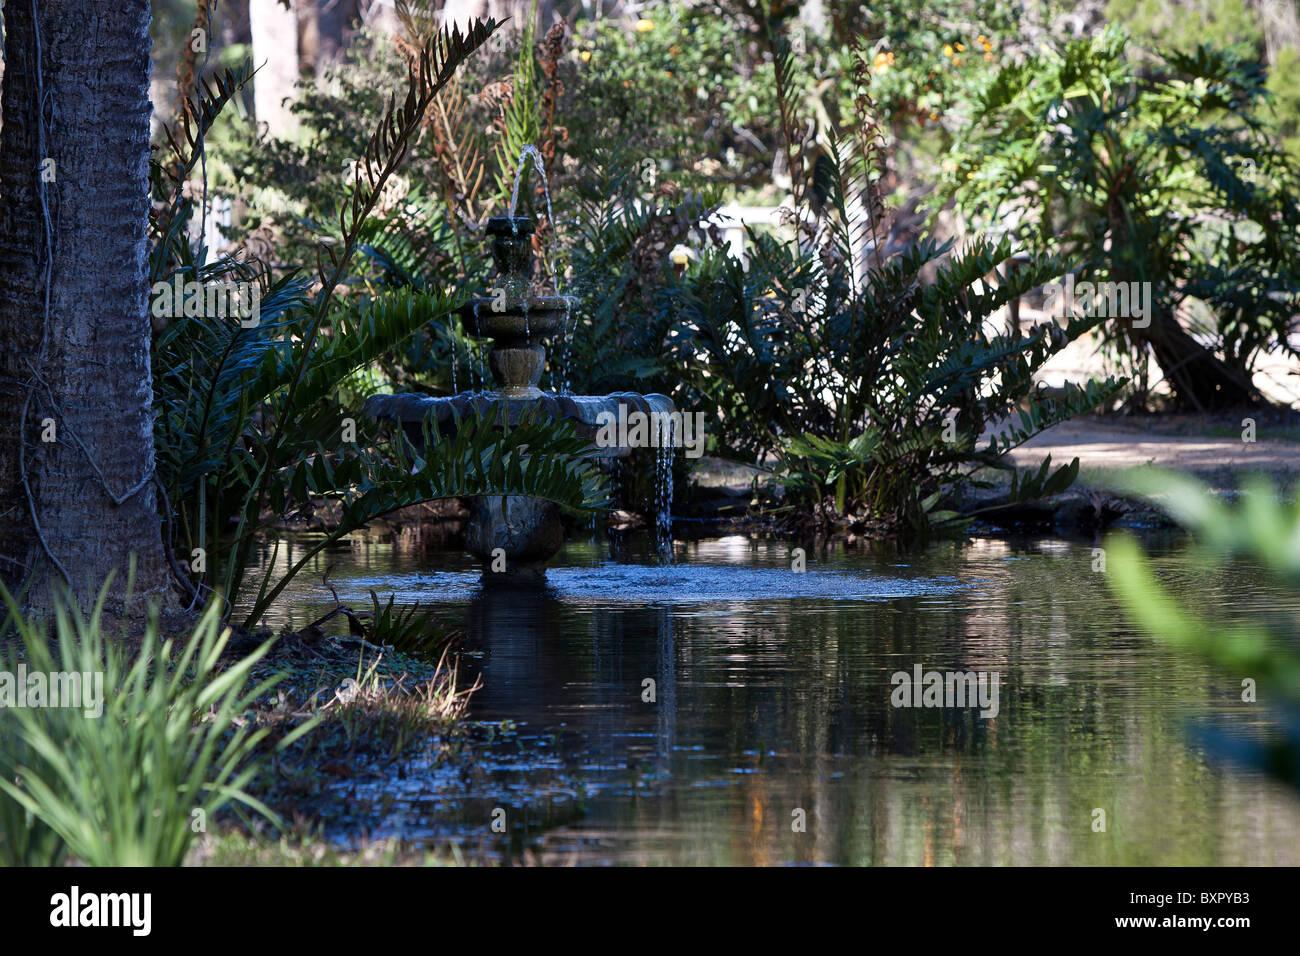 Dreistufige Brunnen befindet sich im malerischen Washington Eichen Garten State Park in Florida. Stockbild